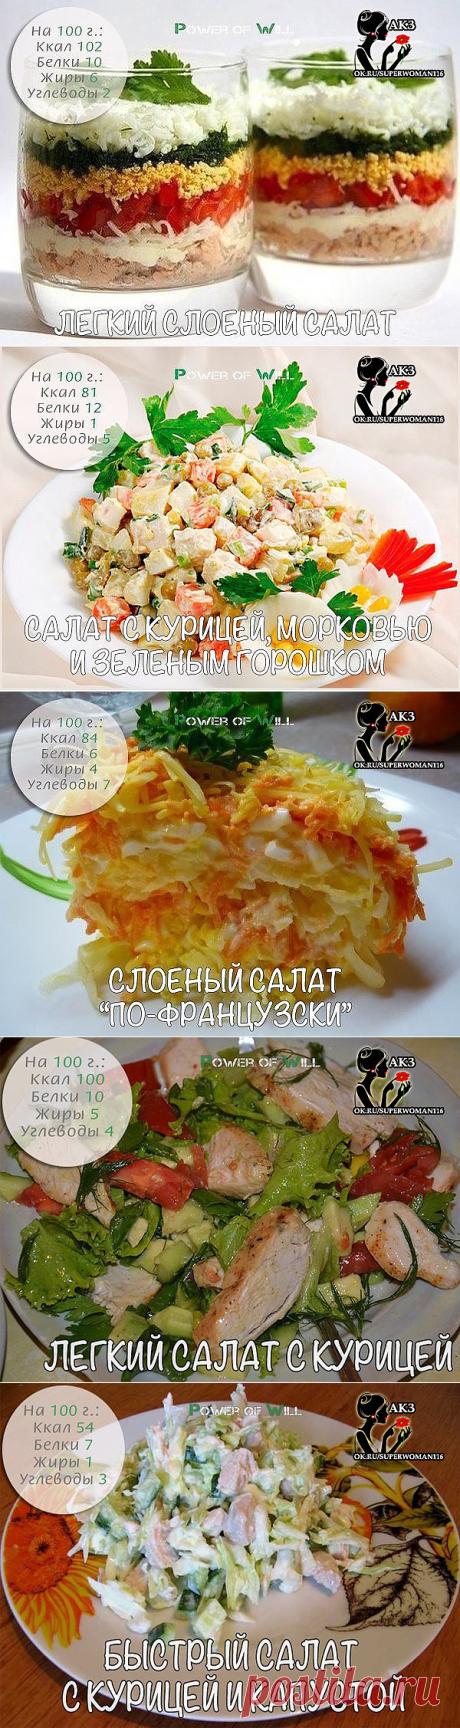 5 фитнес-салатов для плоского живота 👙